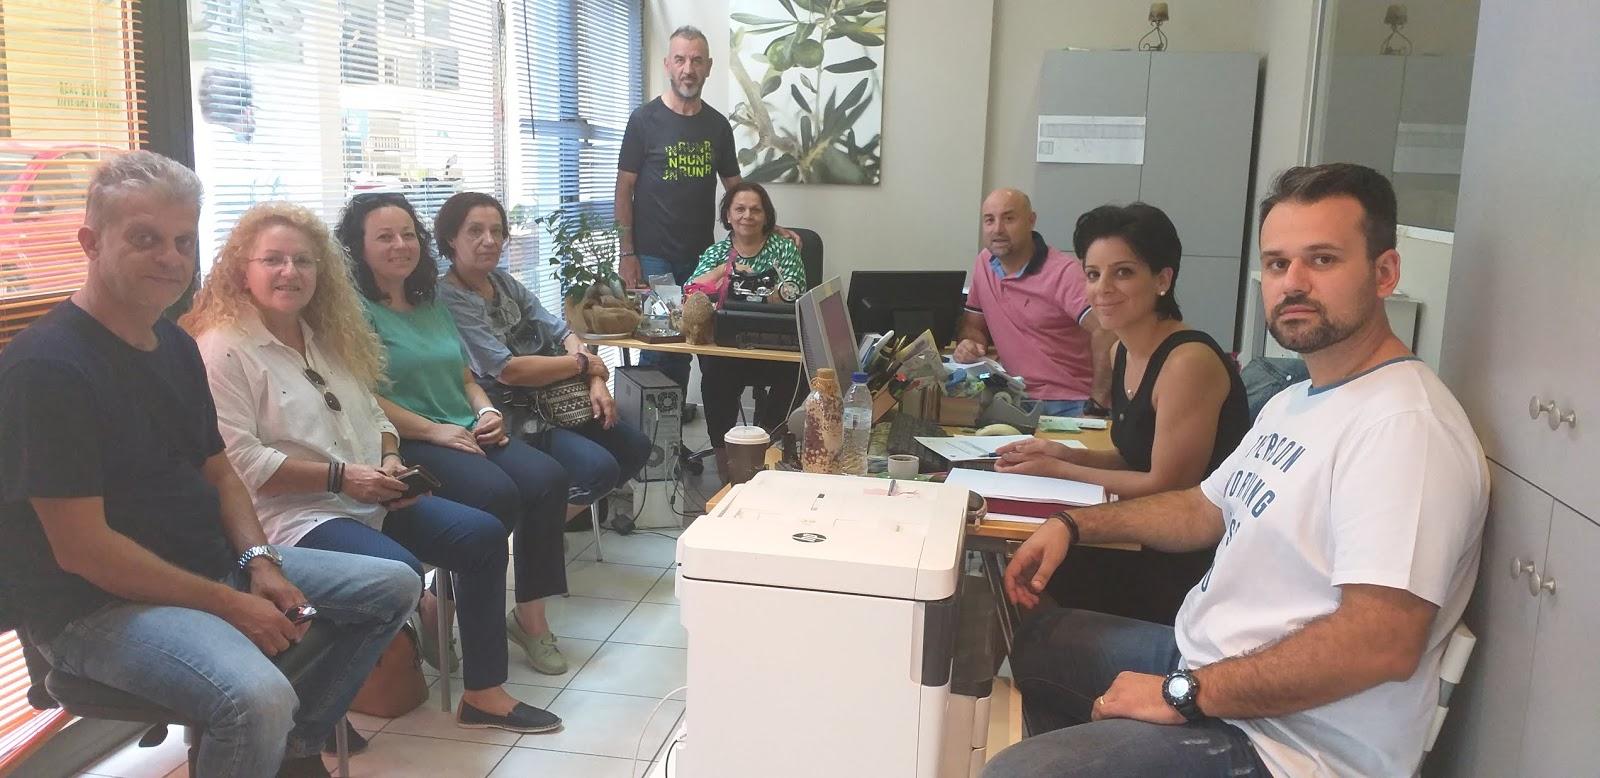 Δικτύωση των κοινωνικών παντοπωλείων Λάρισας και Βόλου